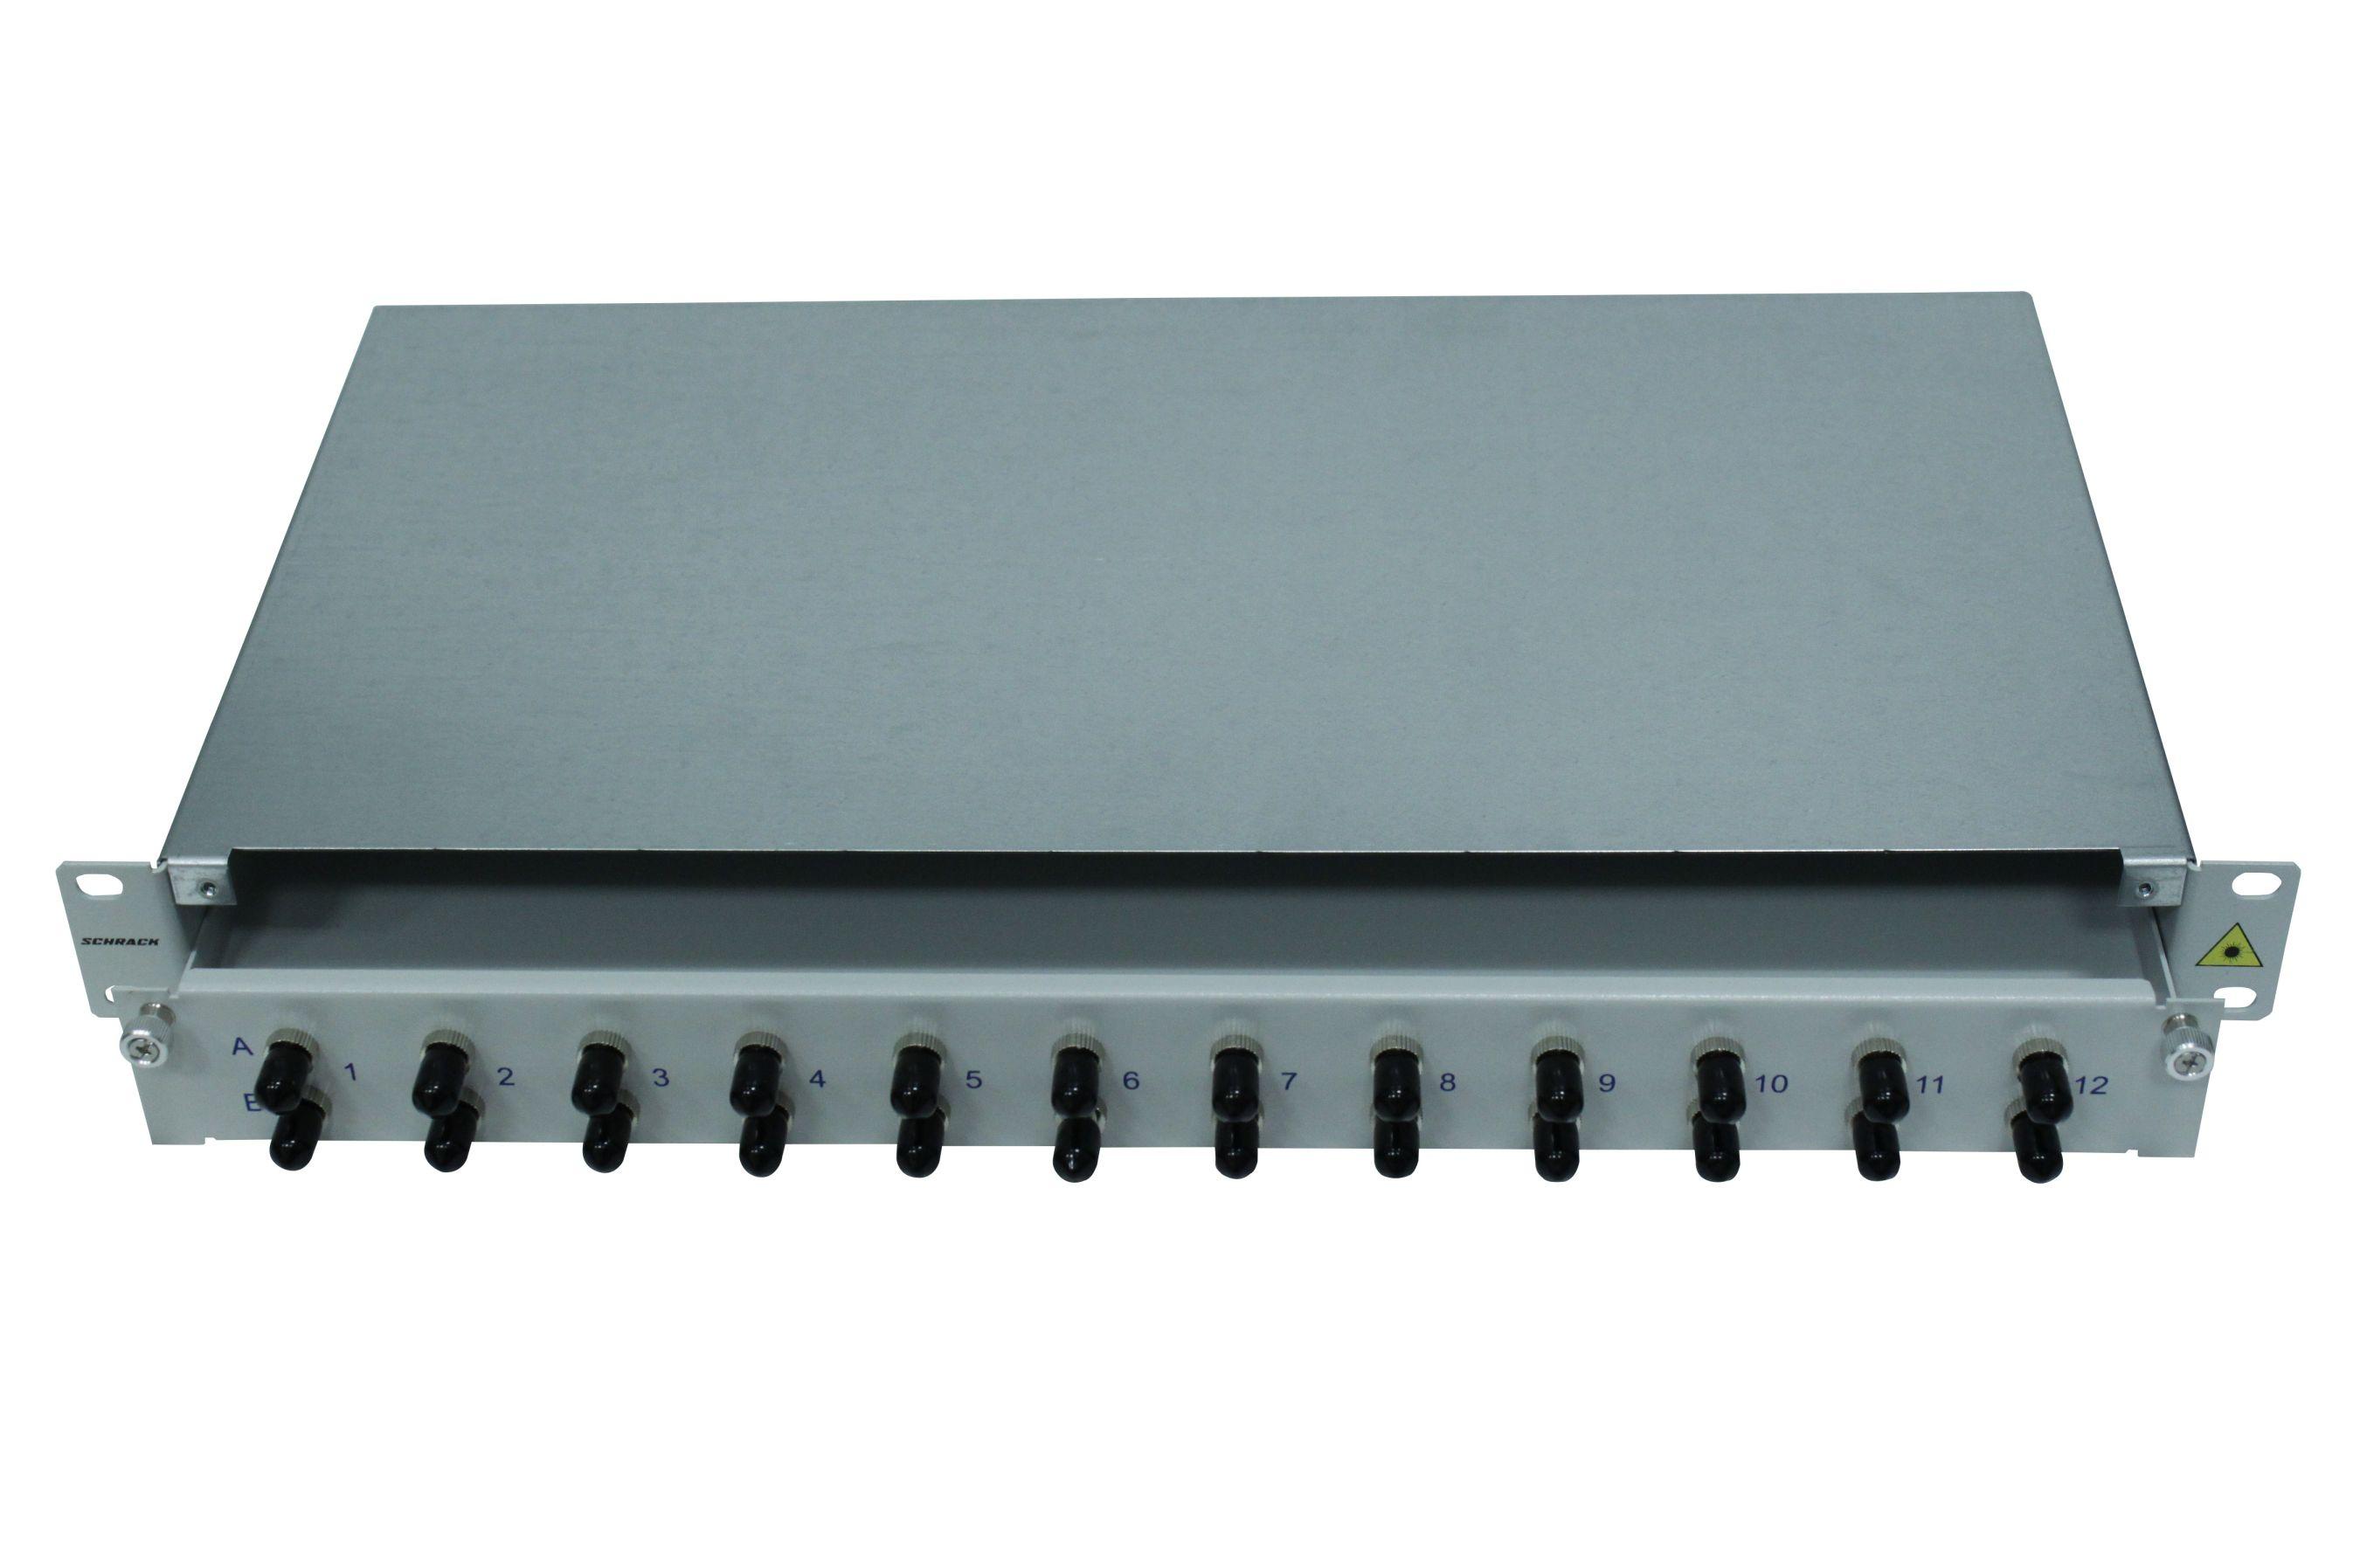 1 Stk LWL Patchpanel 19, 1 HE, ausziehbar, für 4 Fasern, ST, MM HSELS04MTG